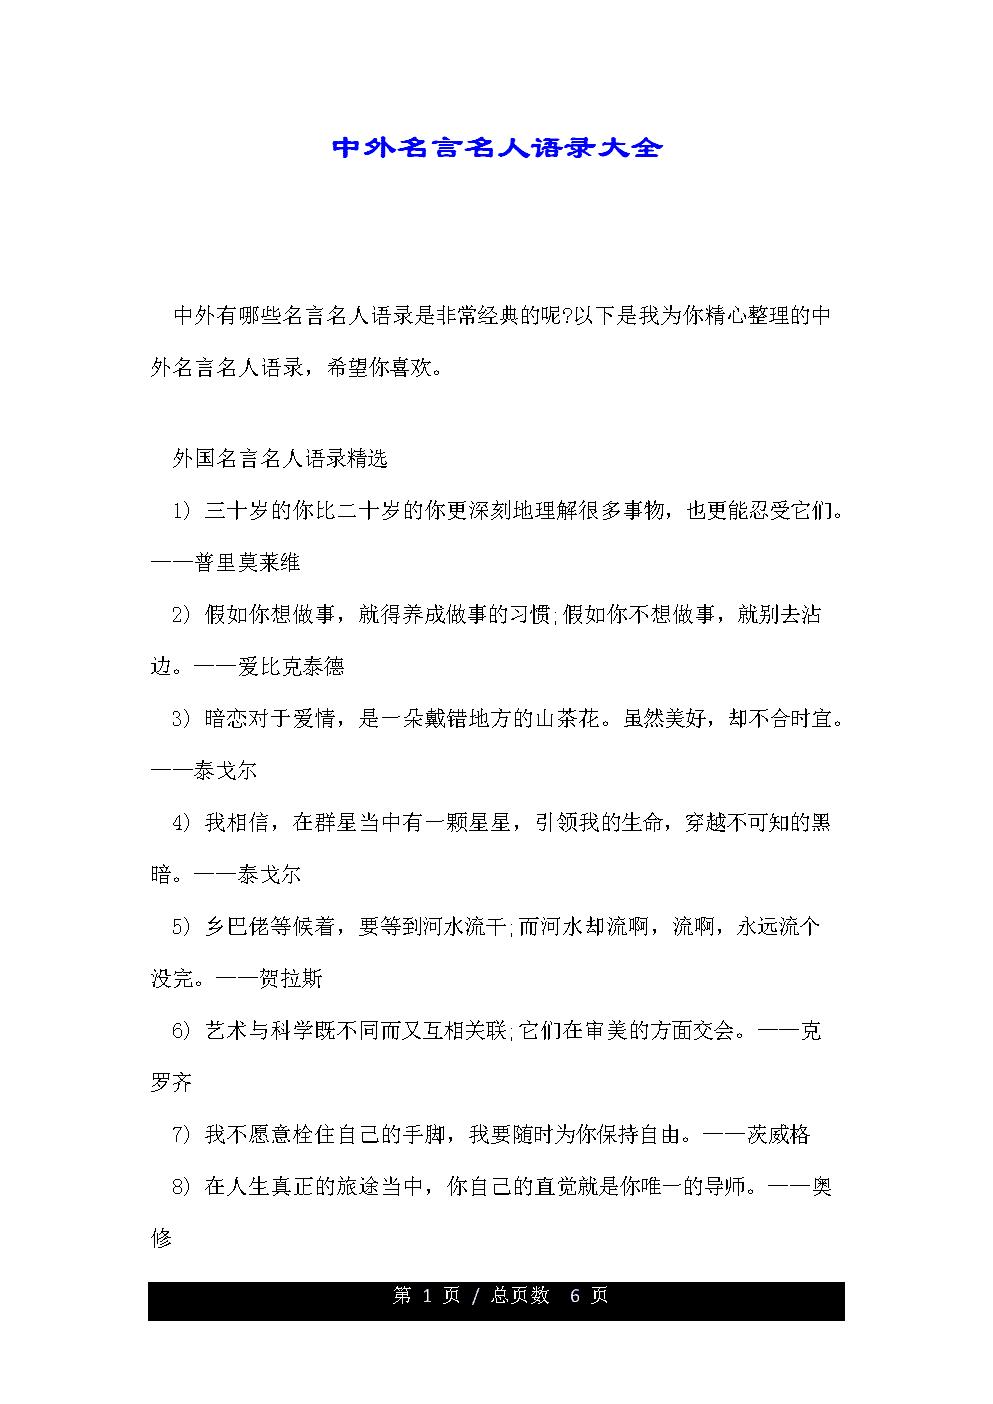 中外名言名人语录大全.doc